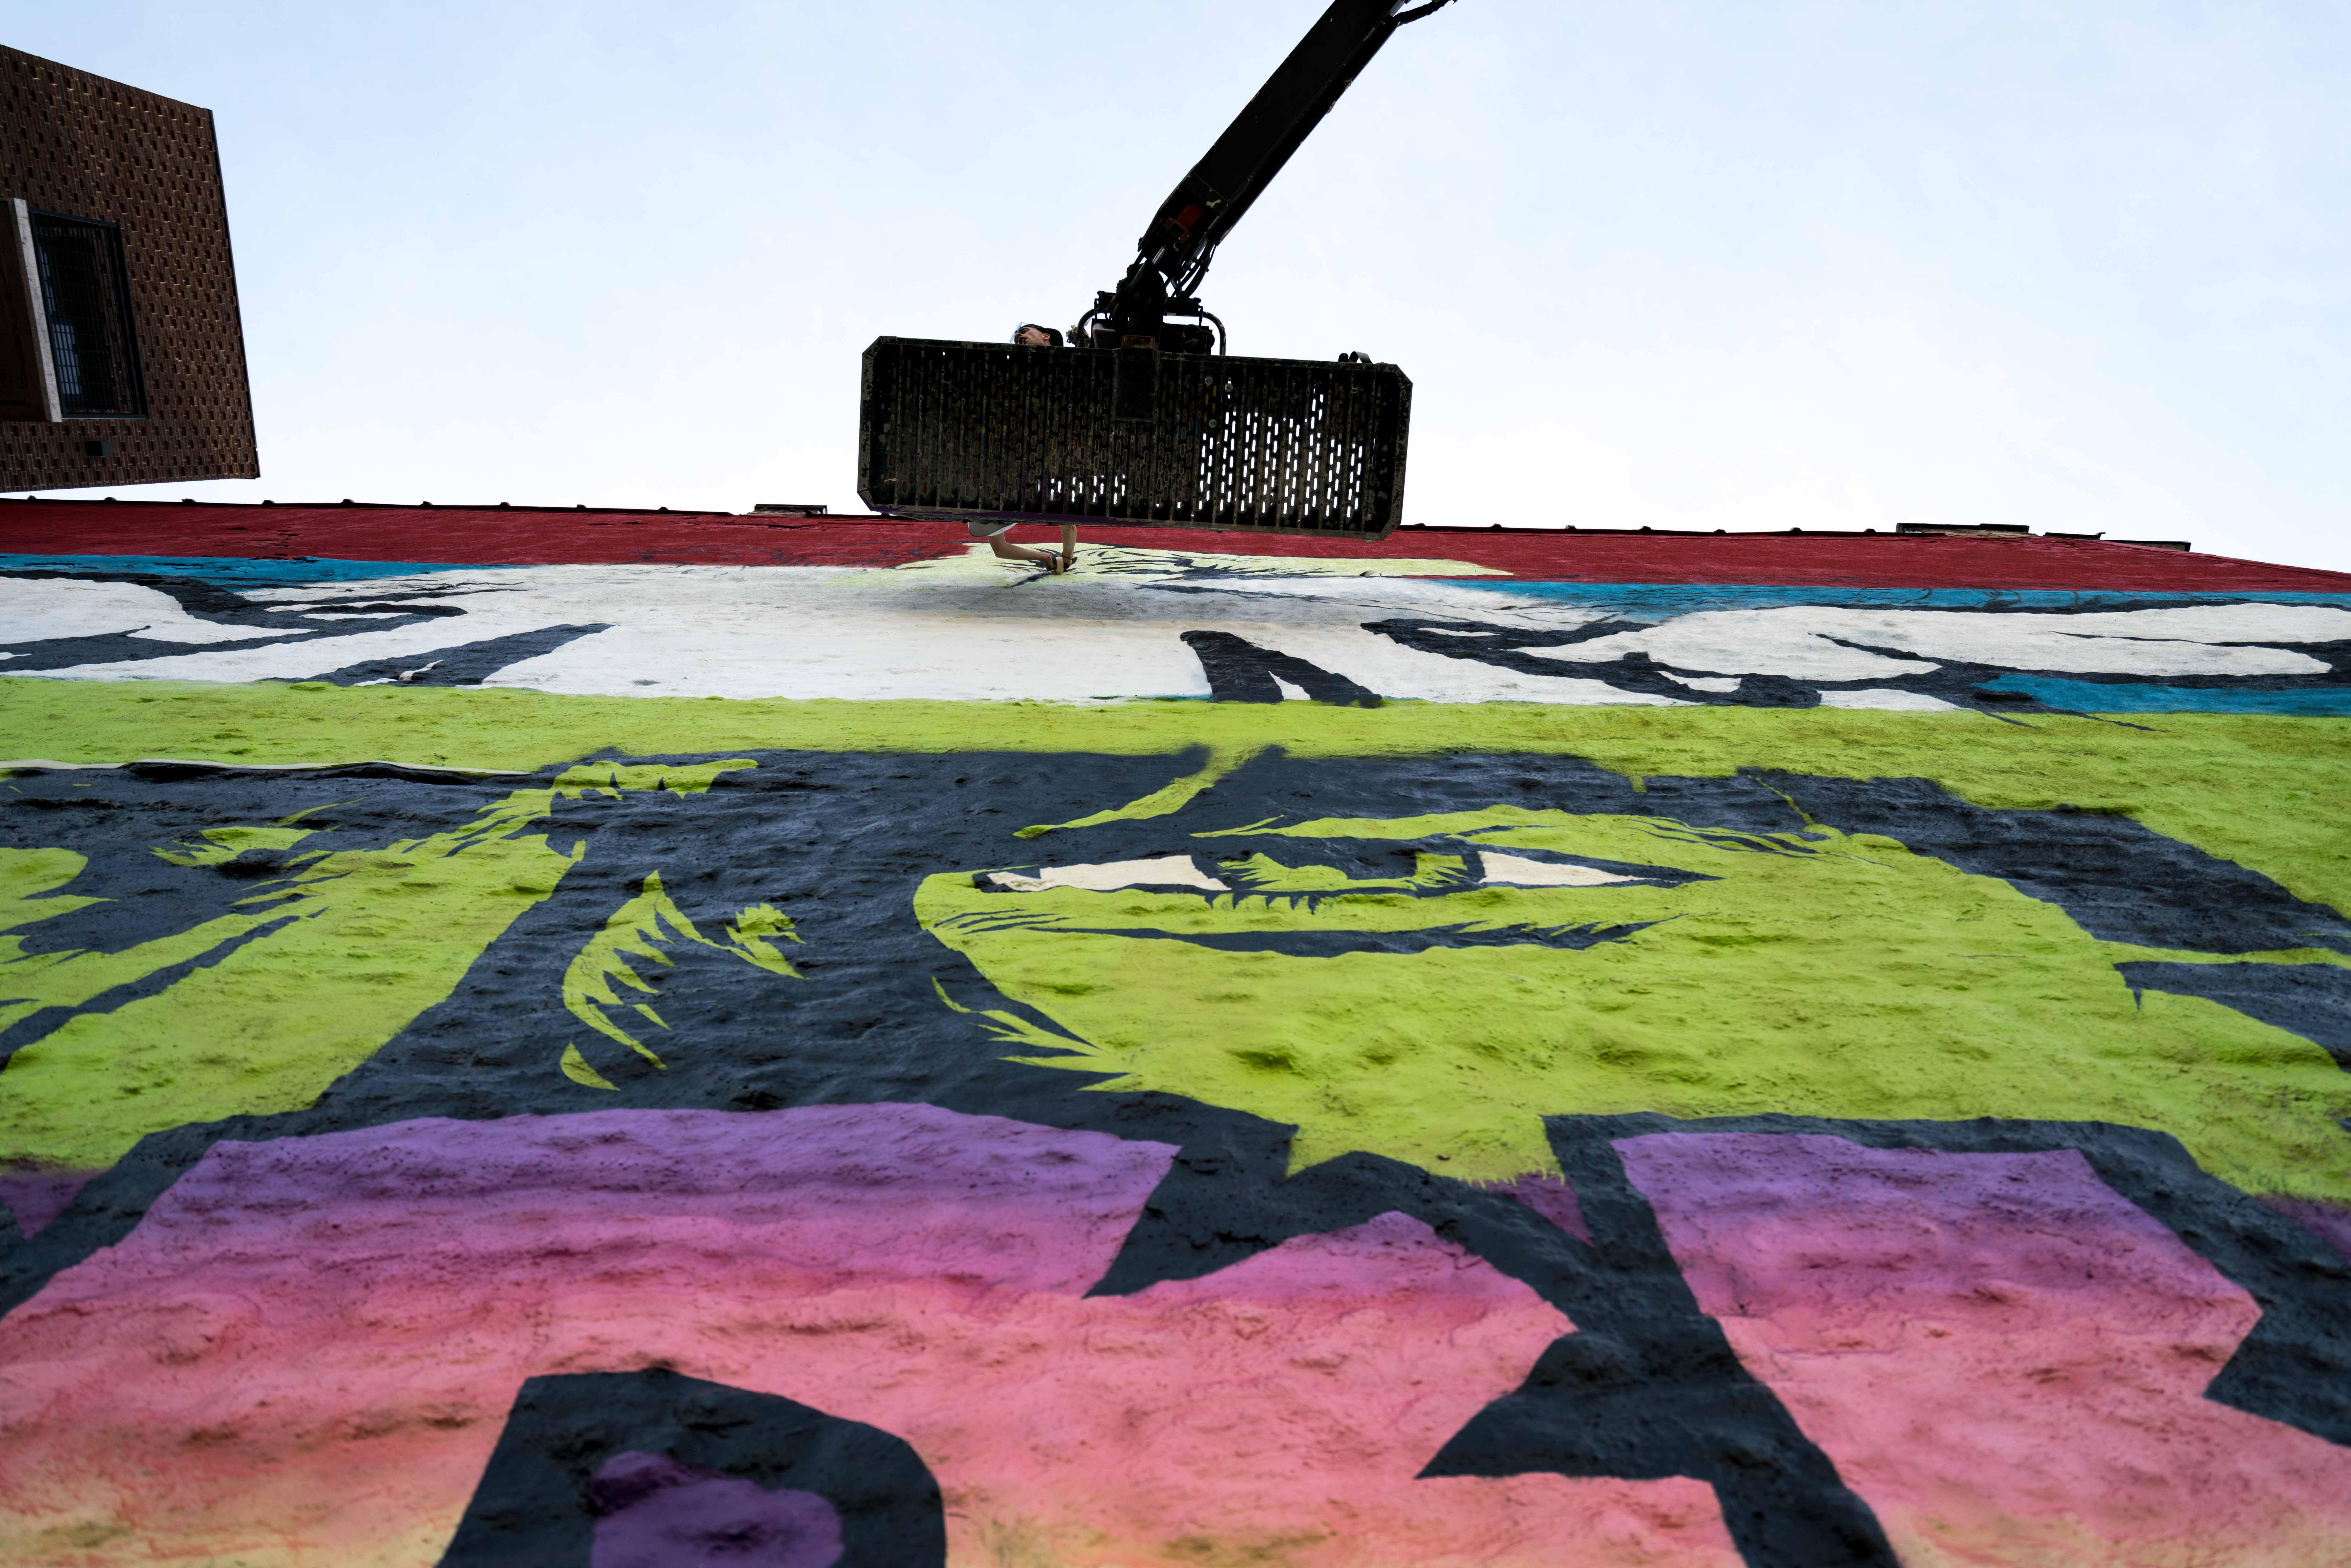 Work in progress by D*Face in Greenpoint, Brooklyn Artes & contextos DfaceKaskersky Brooklyn WIP 4 2